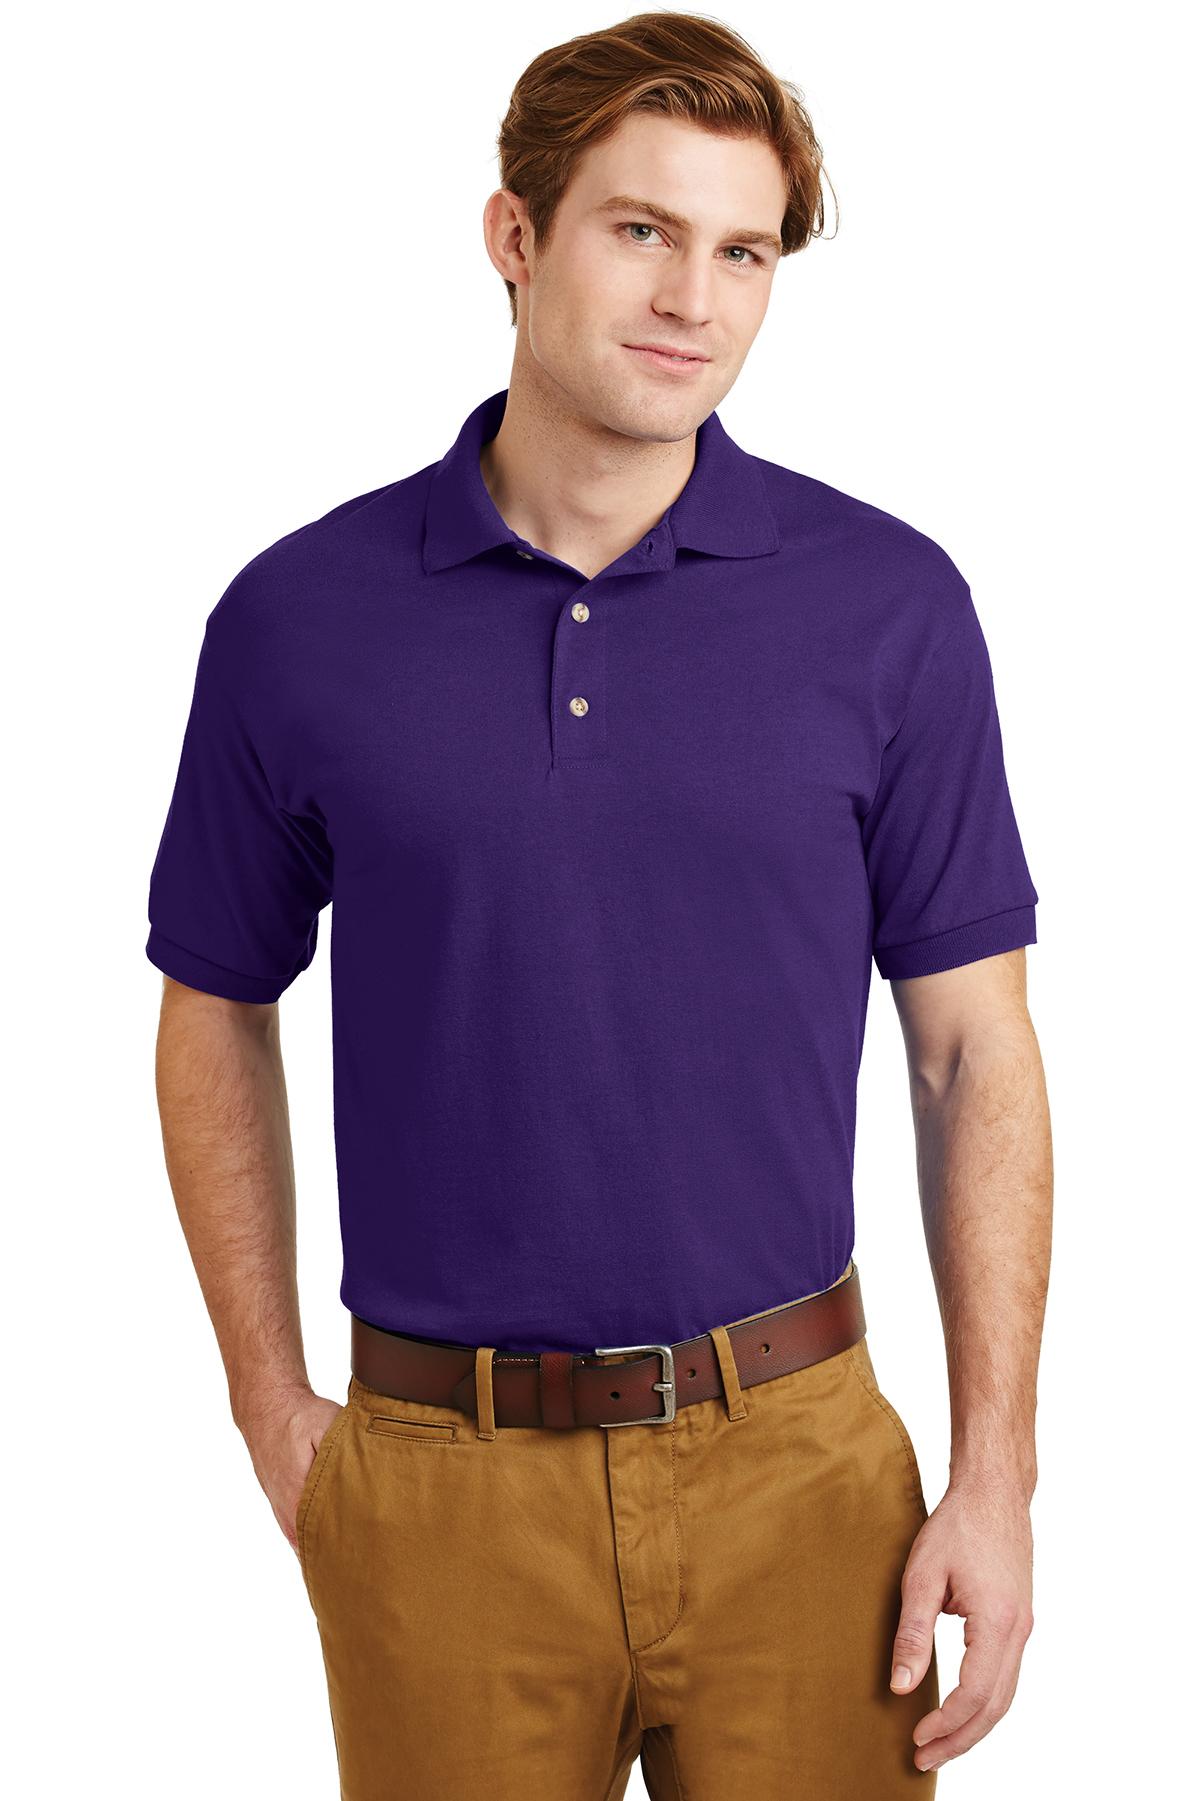 2ae556da7 Gildan® - DryBlend® 6-Ounce Jersey Knit Sport Shirt | Gildan | Brands ...